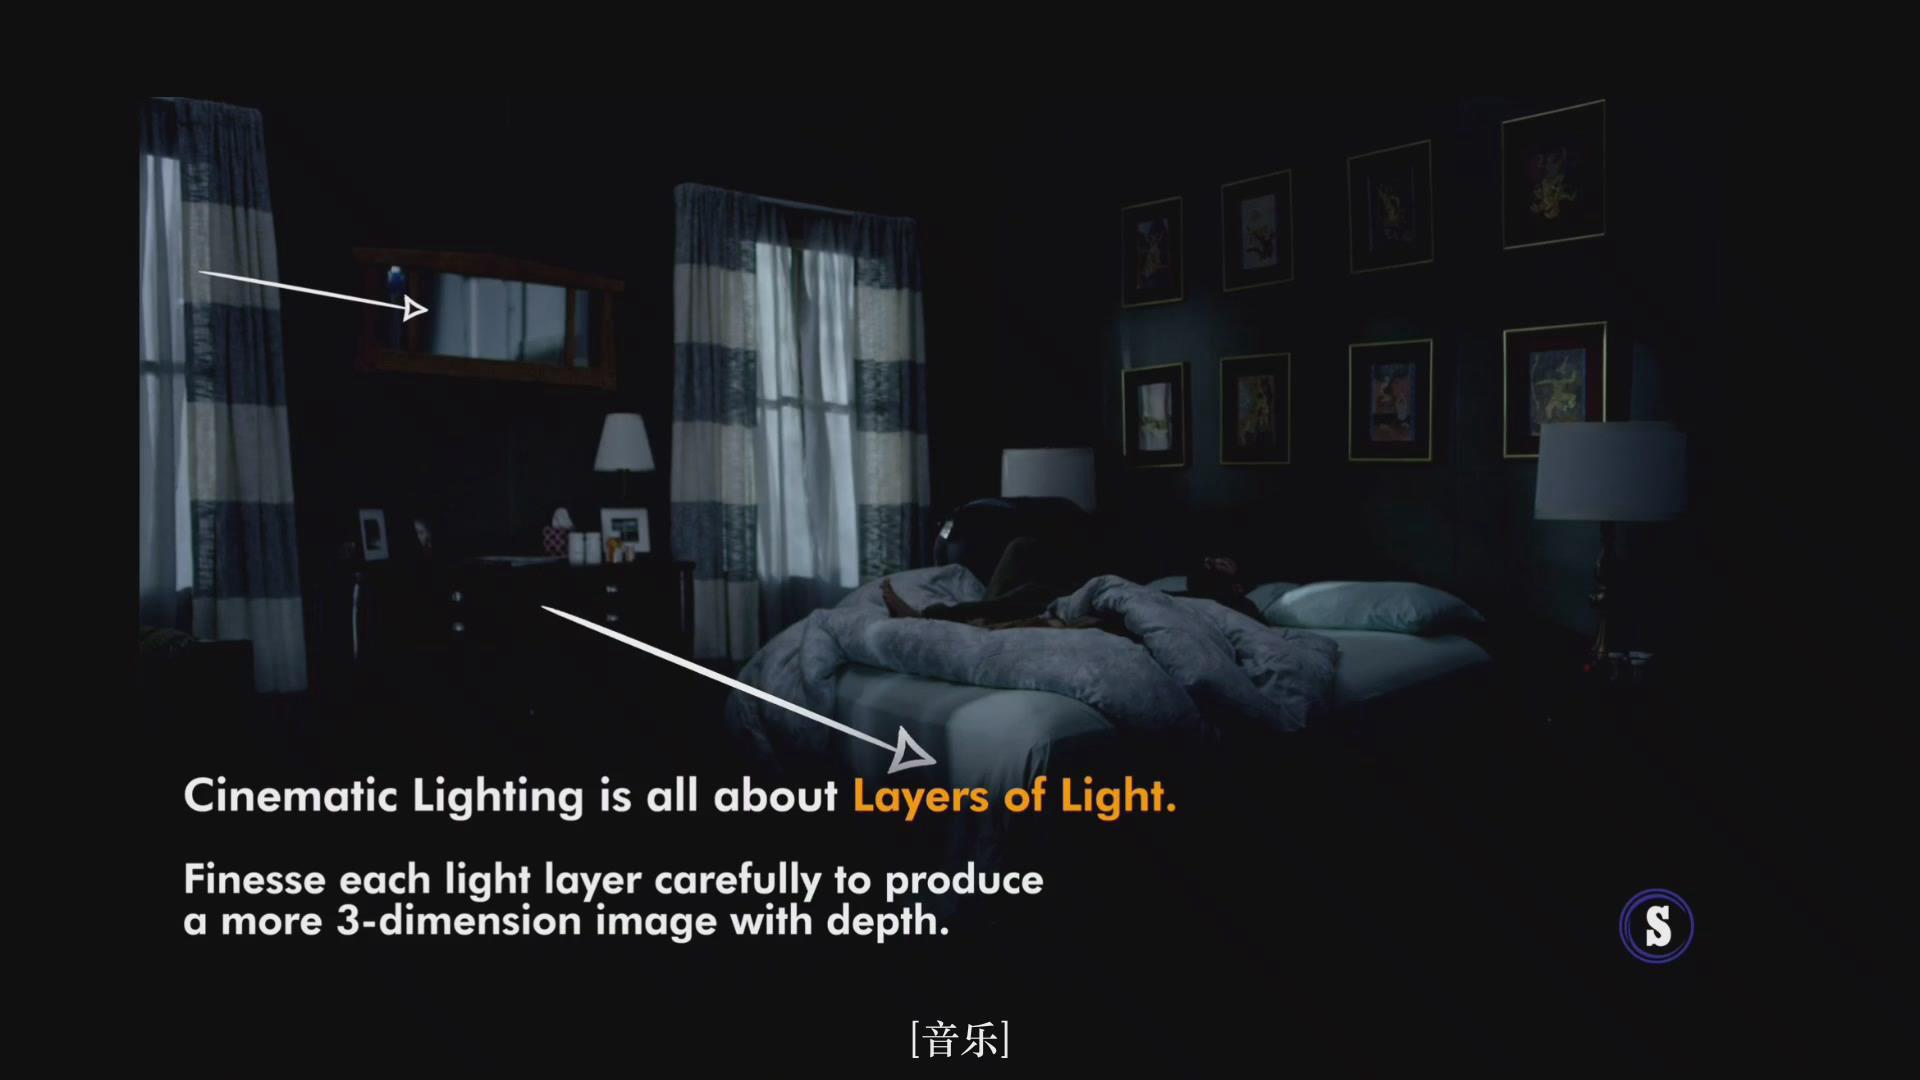 摄影教程_Hurlbut Academy–如何为电影在夜景室内场景布光营造自然外观-中文字幕 摄影教程 _预览图14